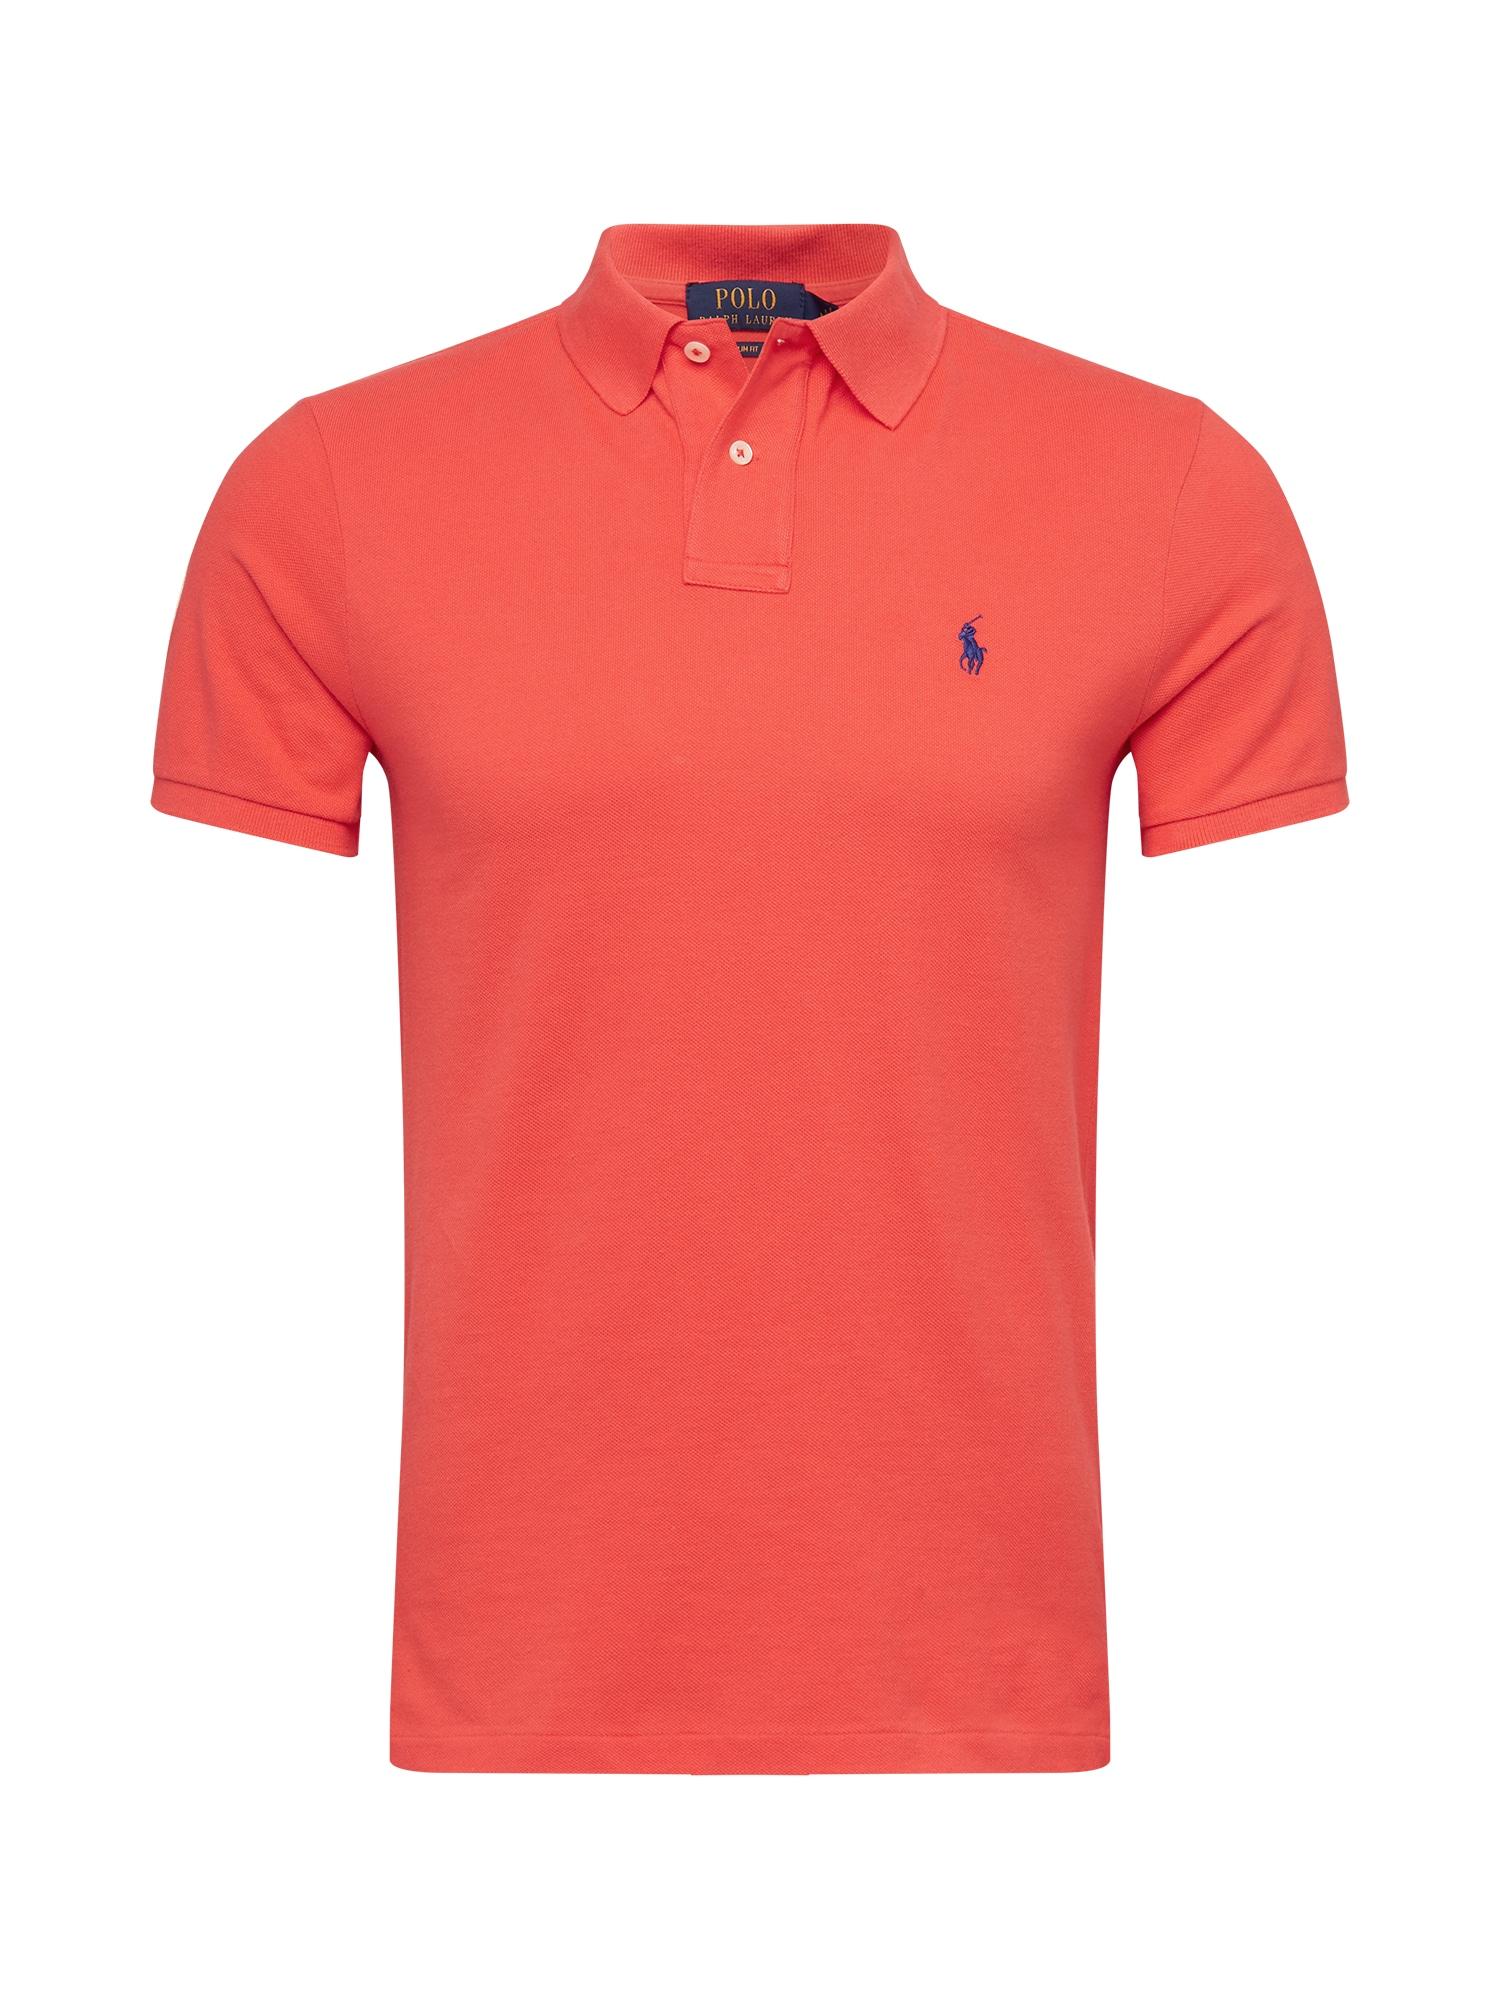 POLO RALPH LAUREN Marškinėliai oranžinė-raudona